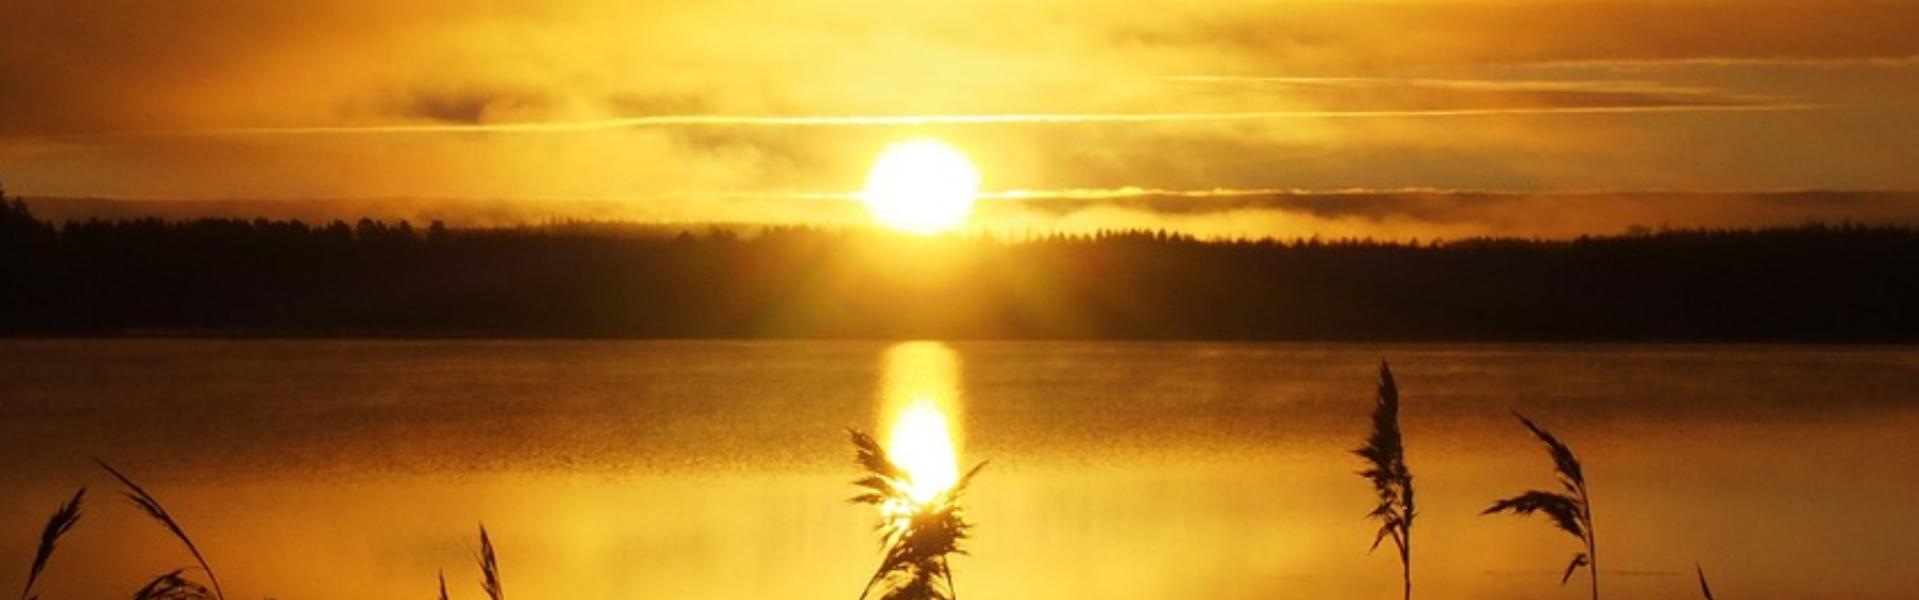 Automne rivière soleil couchant